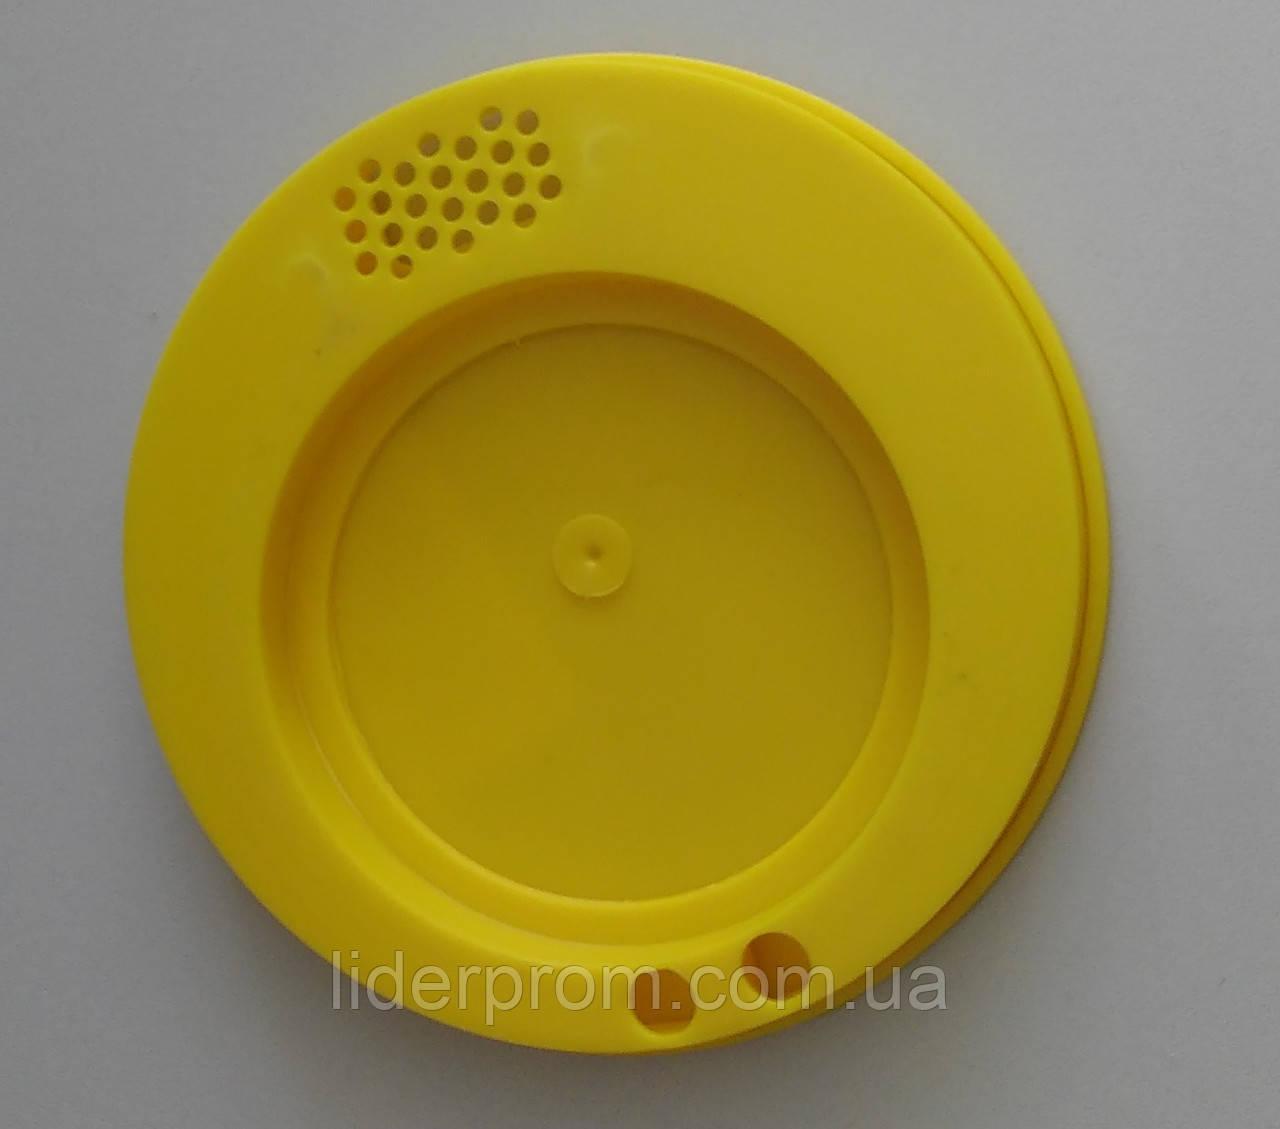 Пчелоудалитель пластиковый LYSON Польша